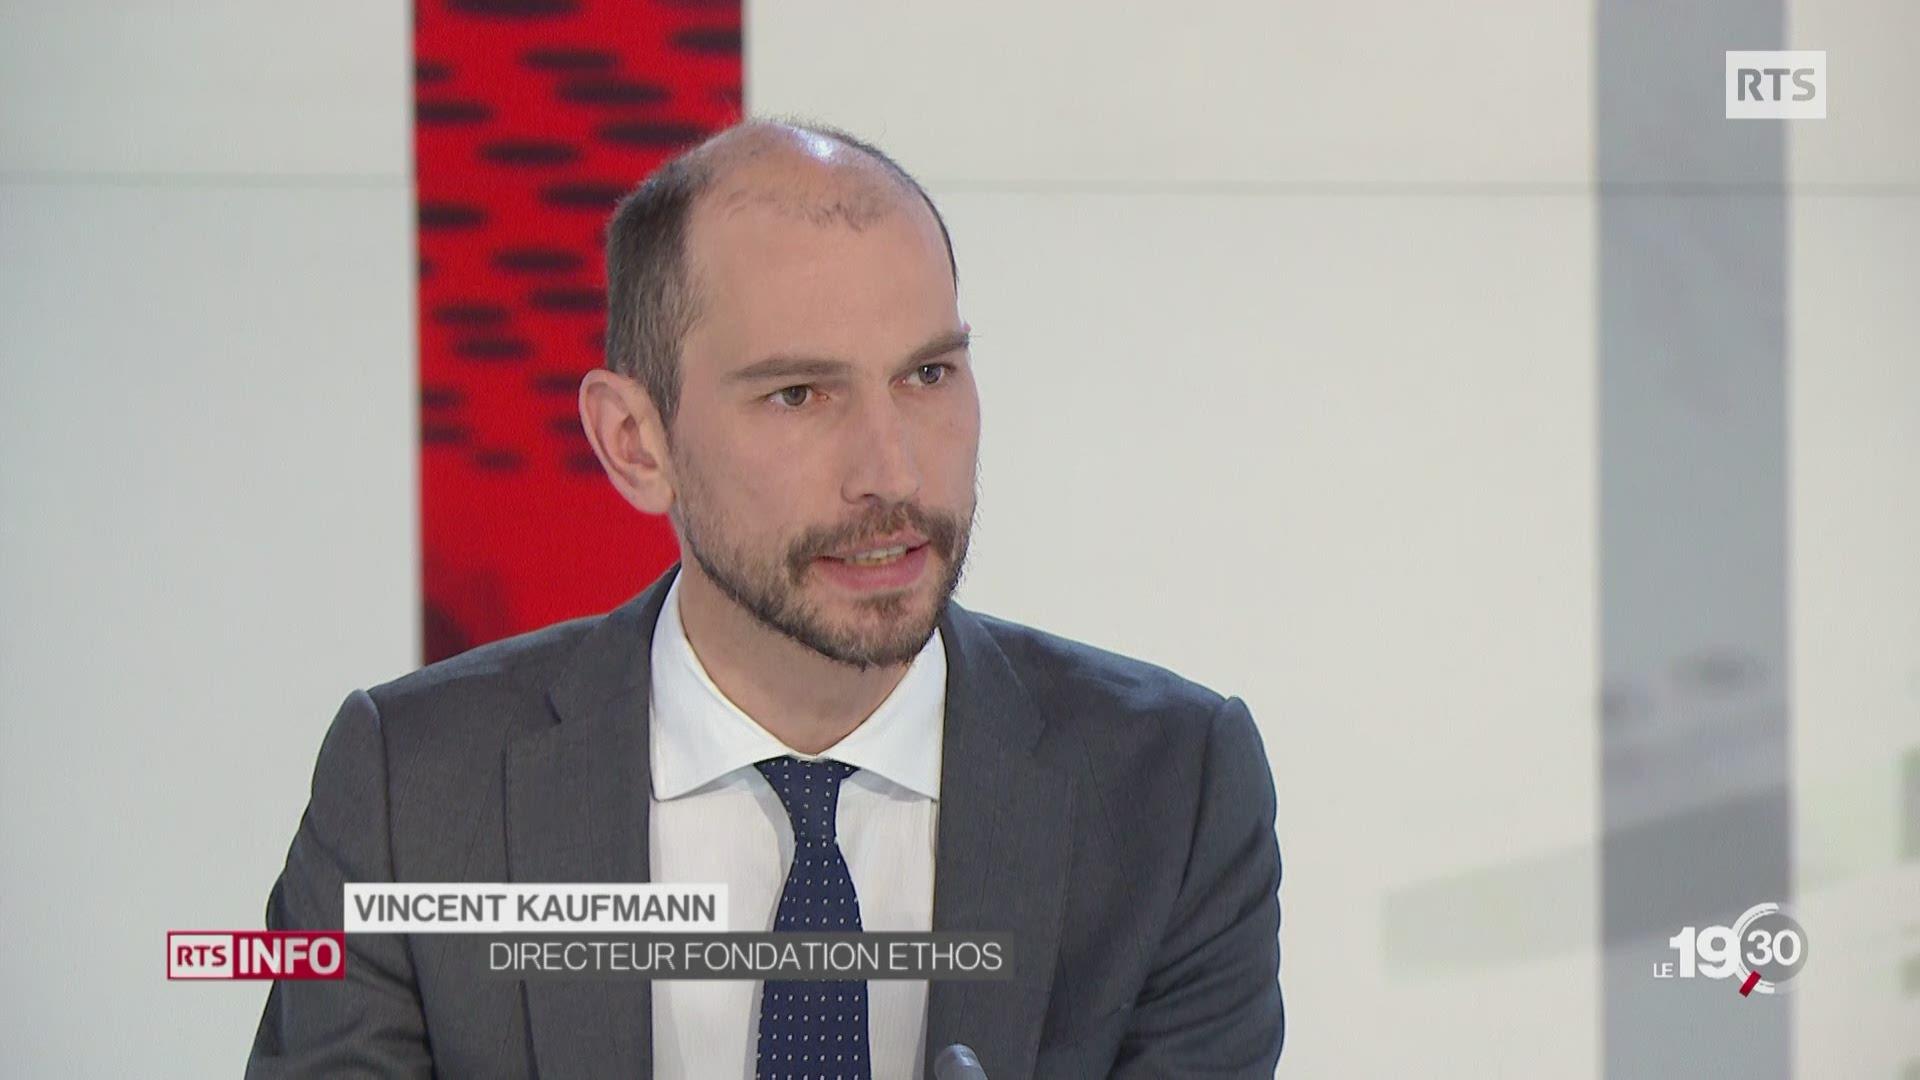 Le directeur d'Ethos, Vincent Kaufmann, réagit aux révélations sur Novartis.